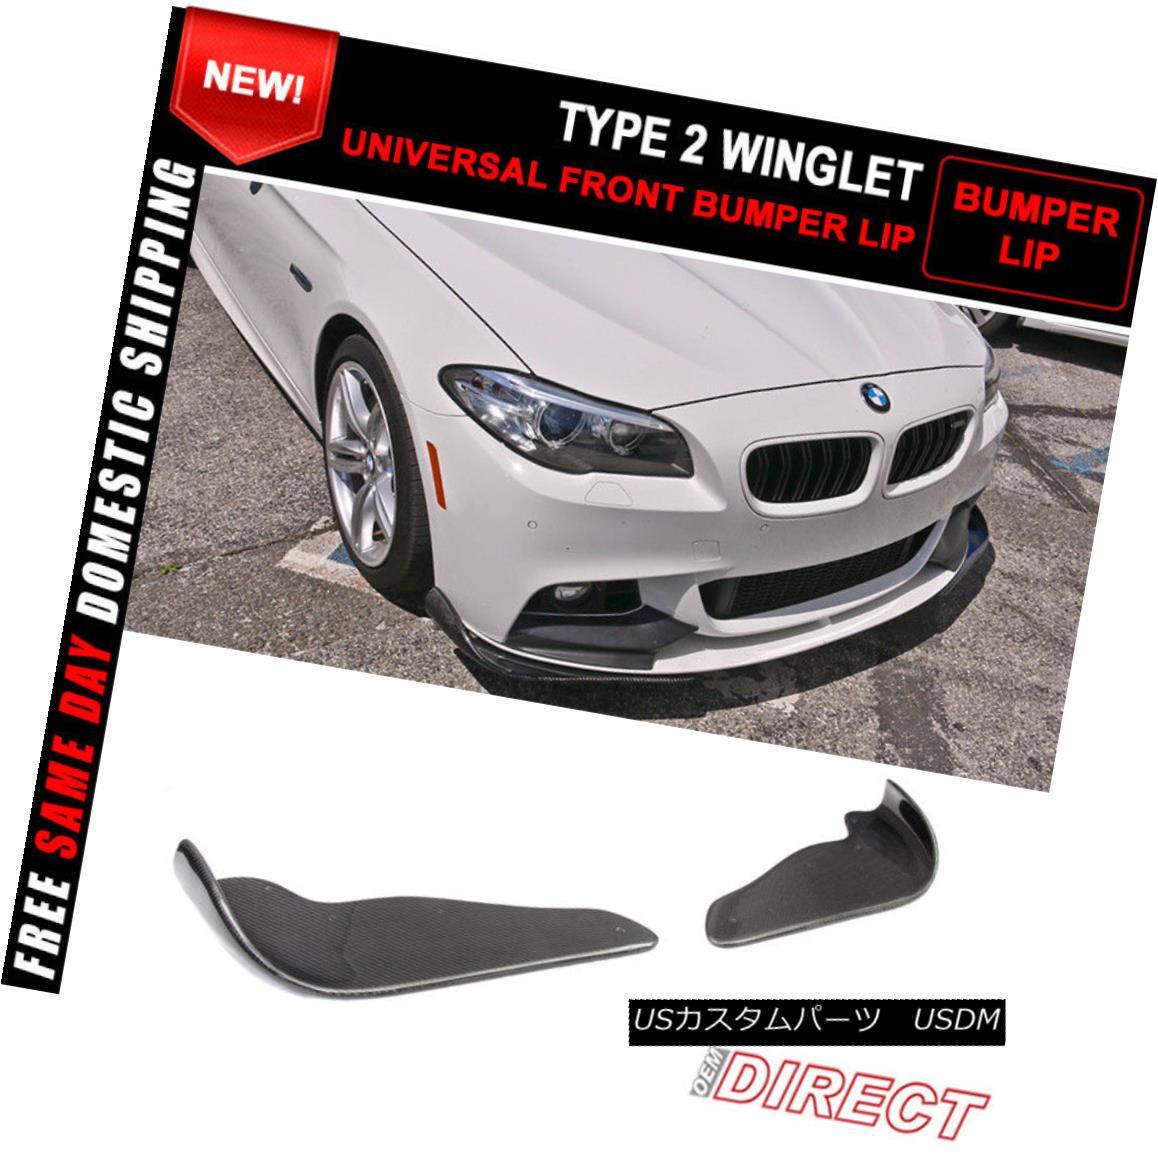 エアロパーツ For Universal Carbon Fiber Winglet Type 2 Lip Splitter Diffuser ユニバーサルカーボンファイバーウイングレットタイプ2リップスプリッターディフューザー